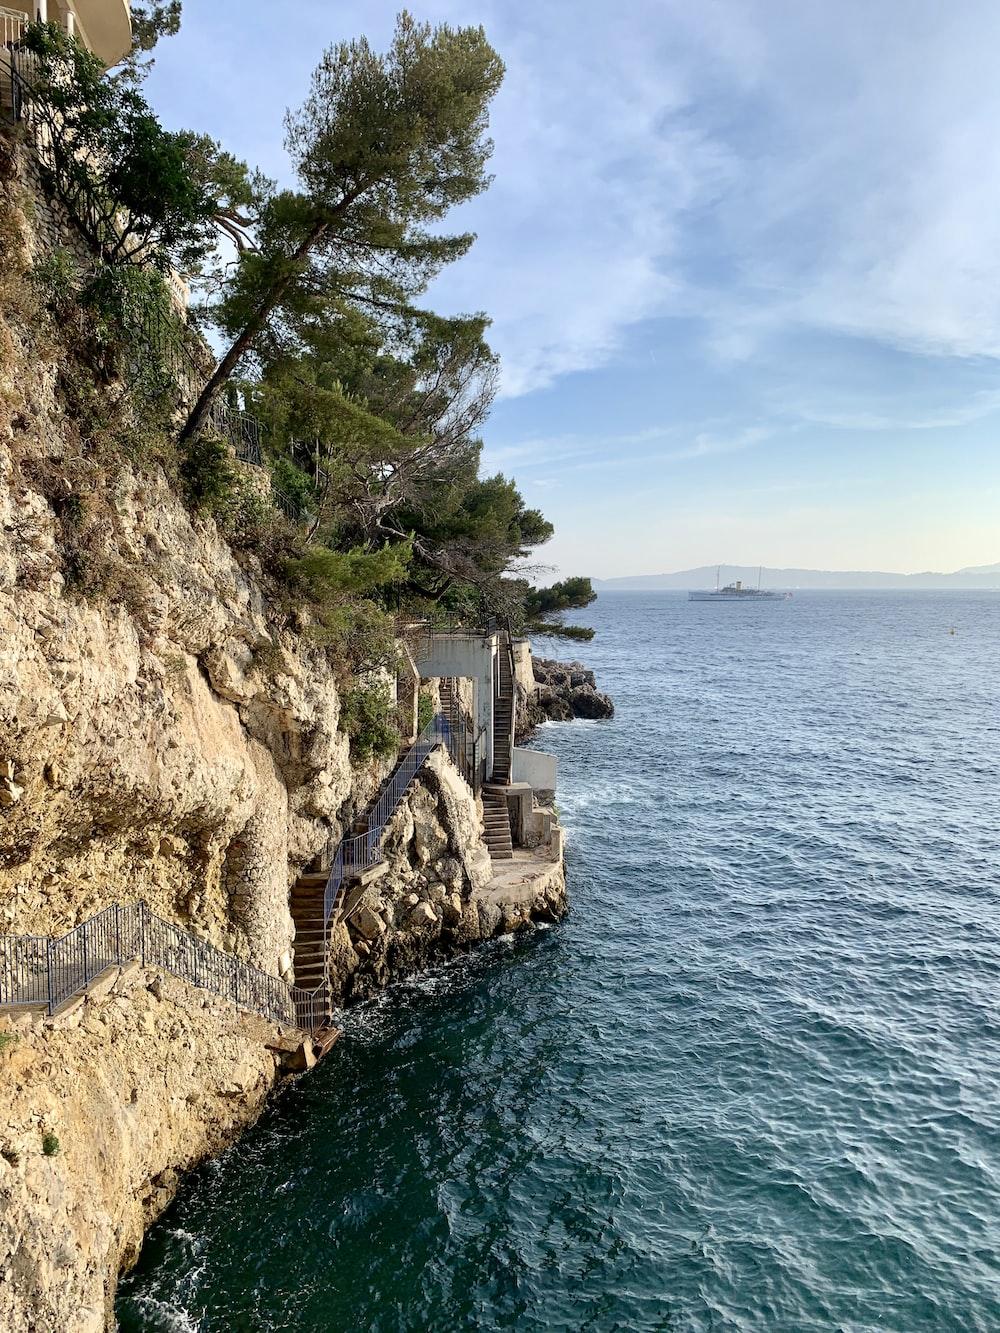 white concrete structure on cliff